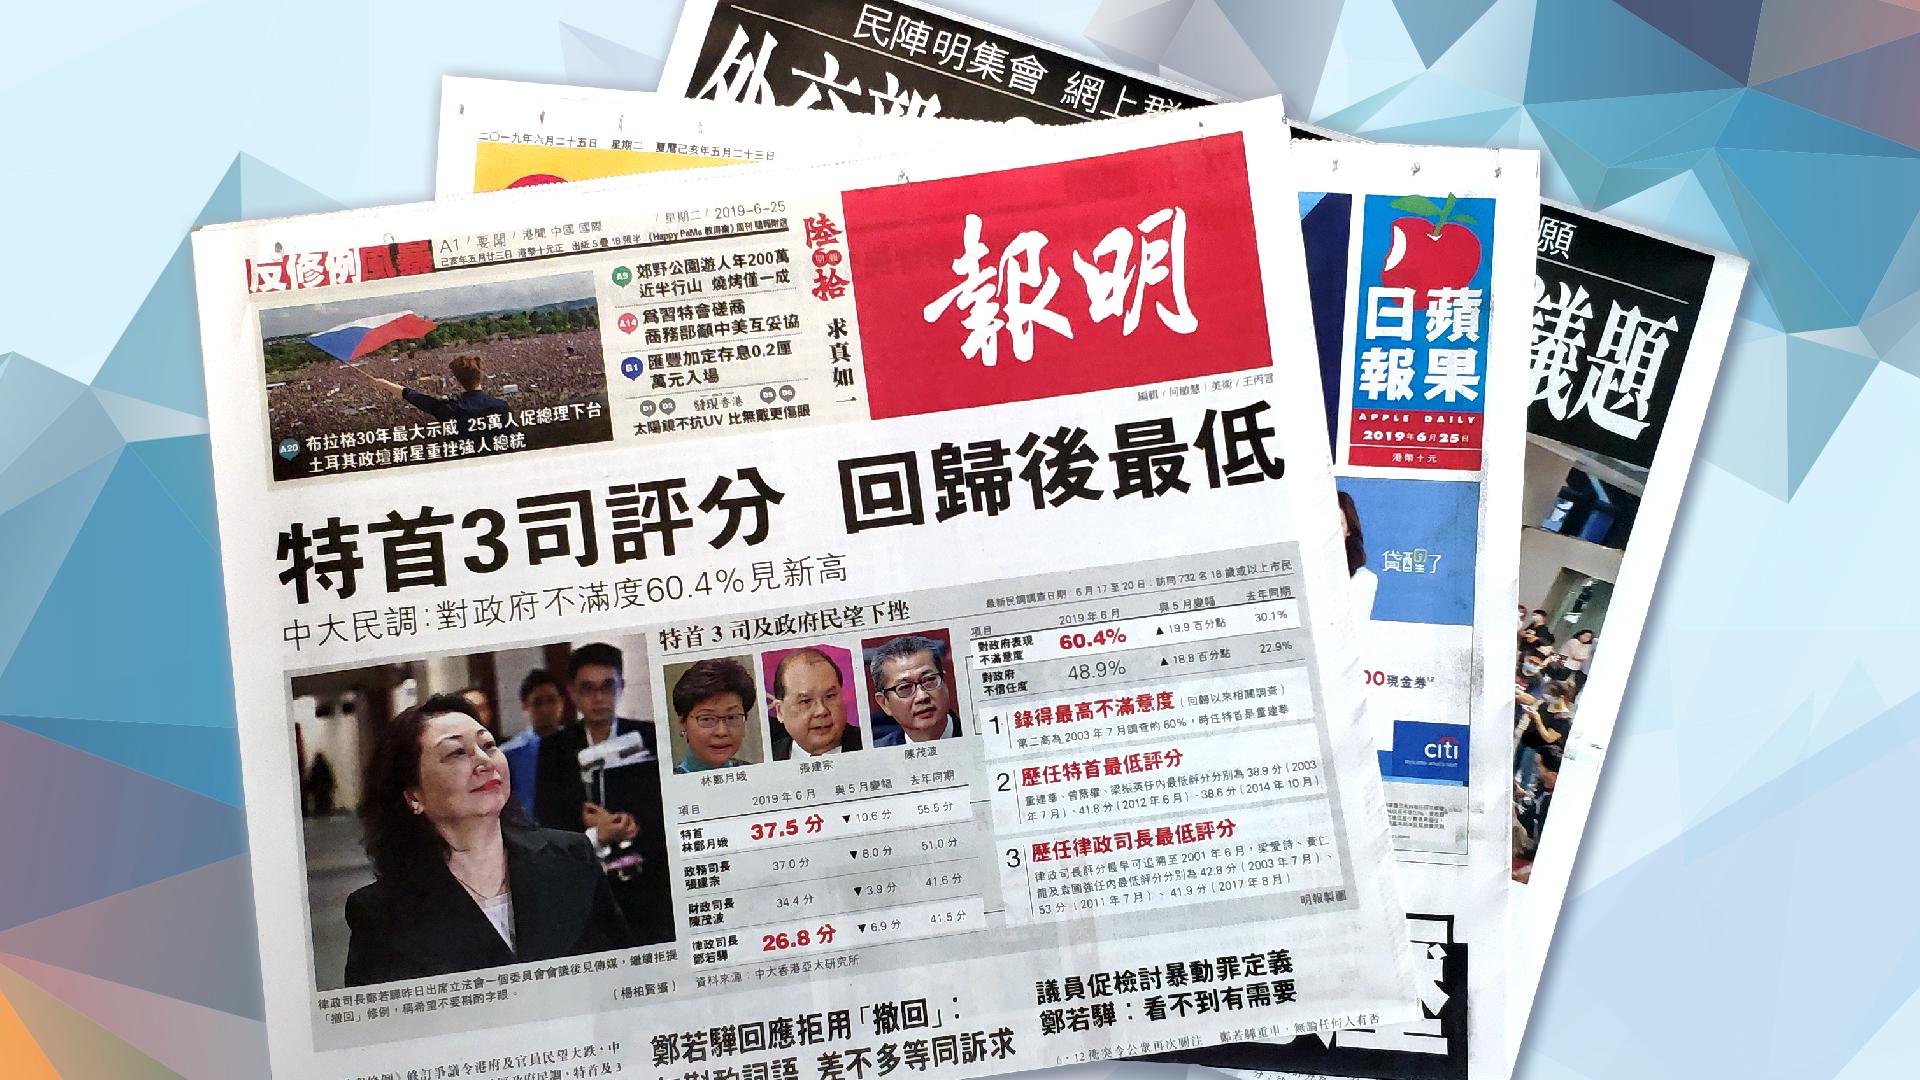 【報章A1速覽】特首3司評分 回歸後最低;民間馬拉松抗爭 趁G20向習施壓